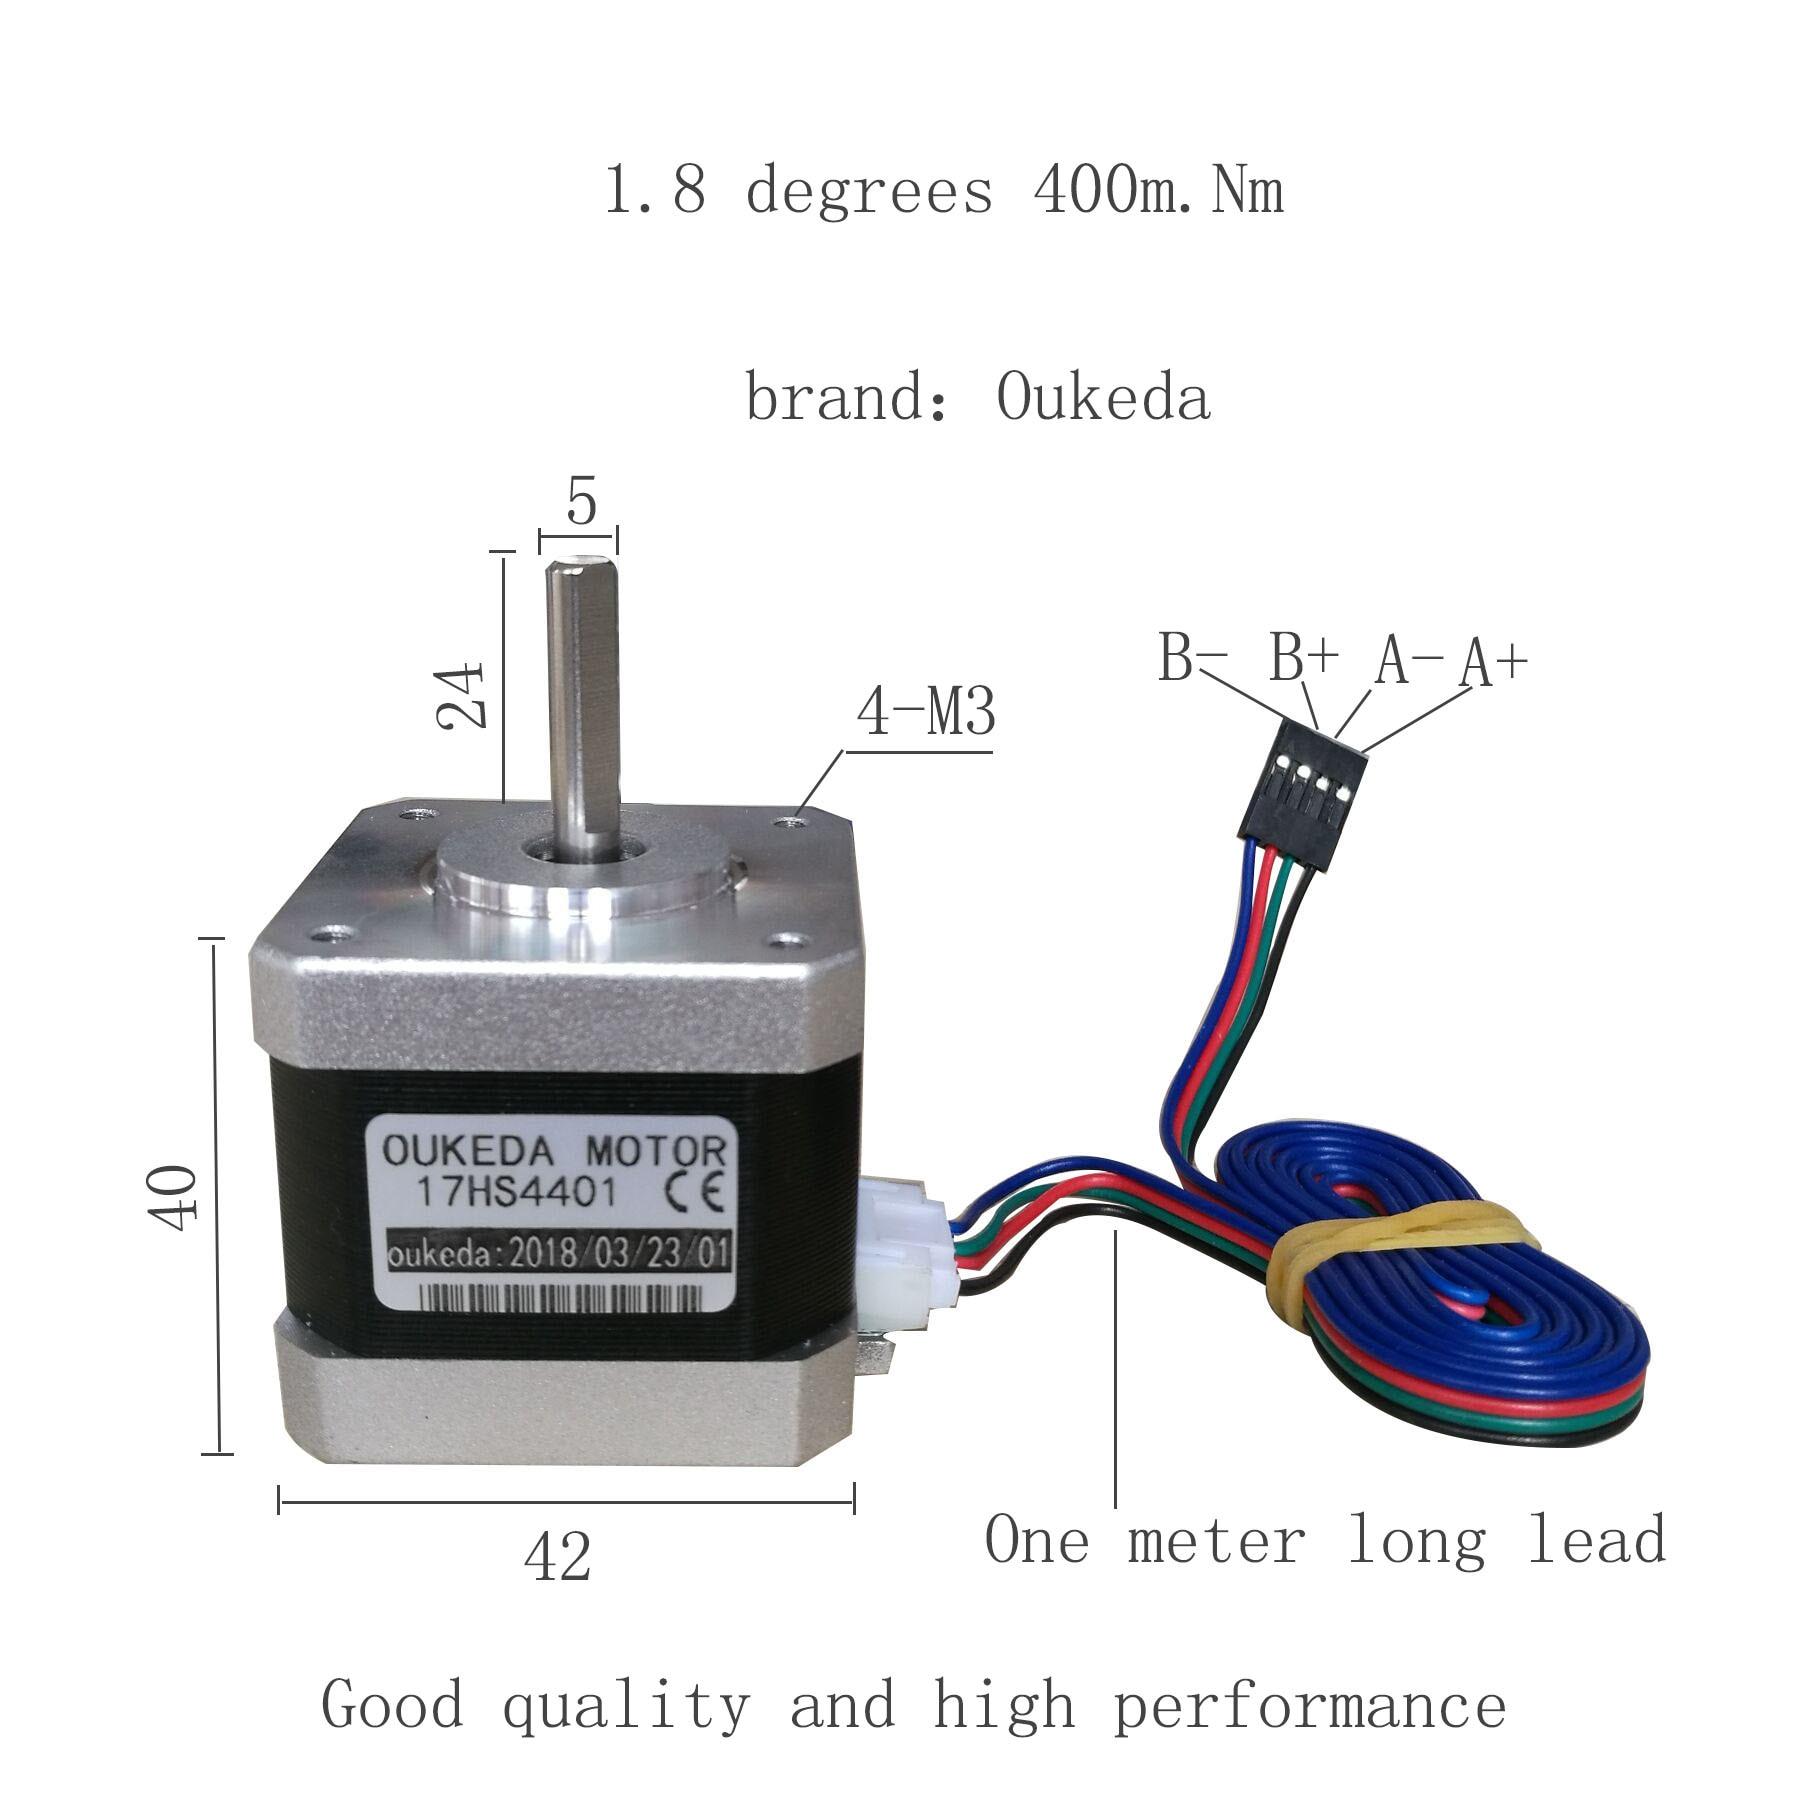 NEMA17 Stepper Motor For 3D Printer 17HS4401